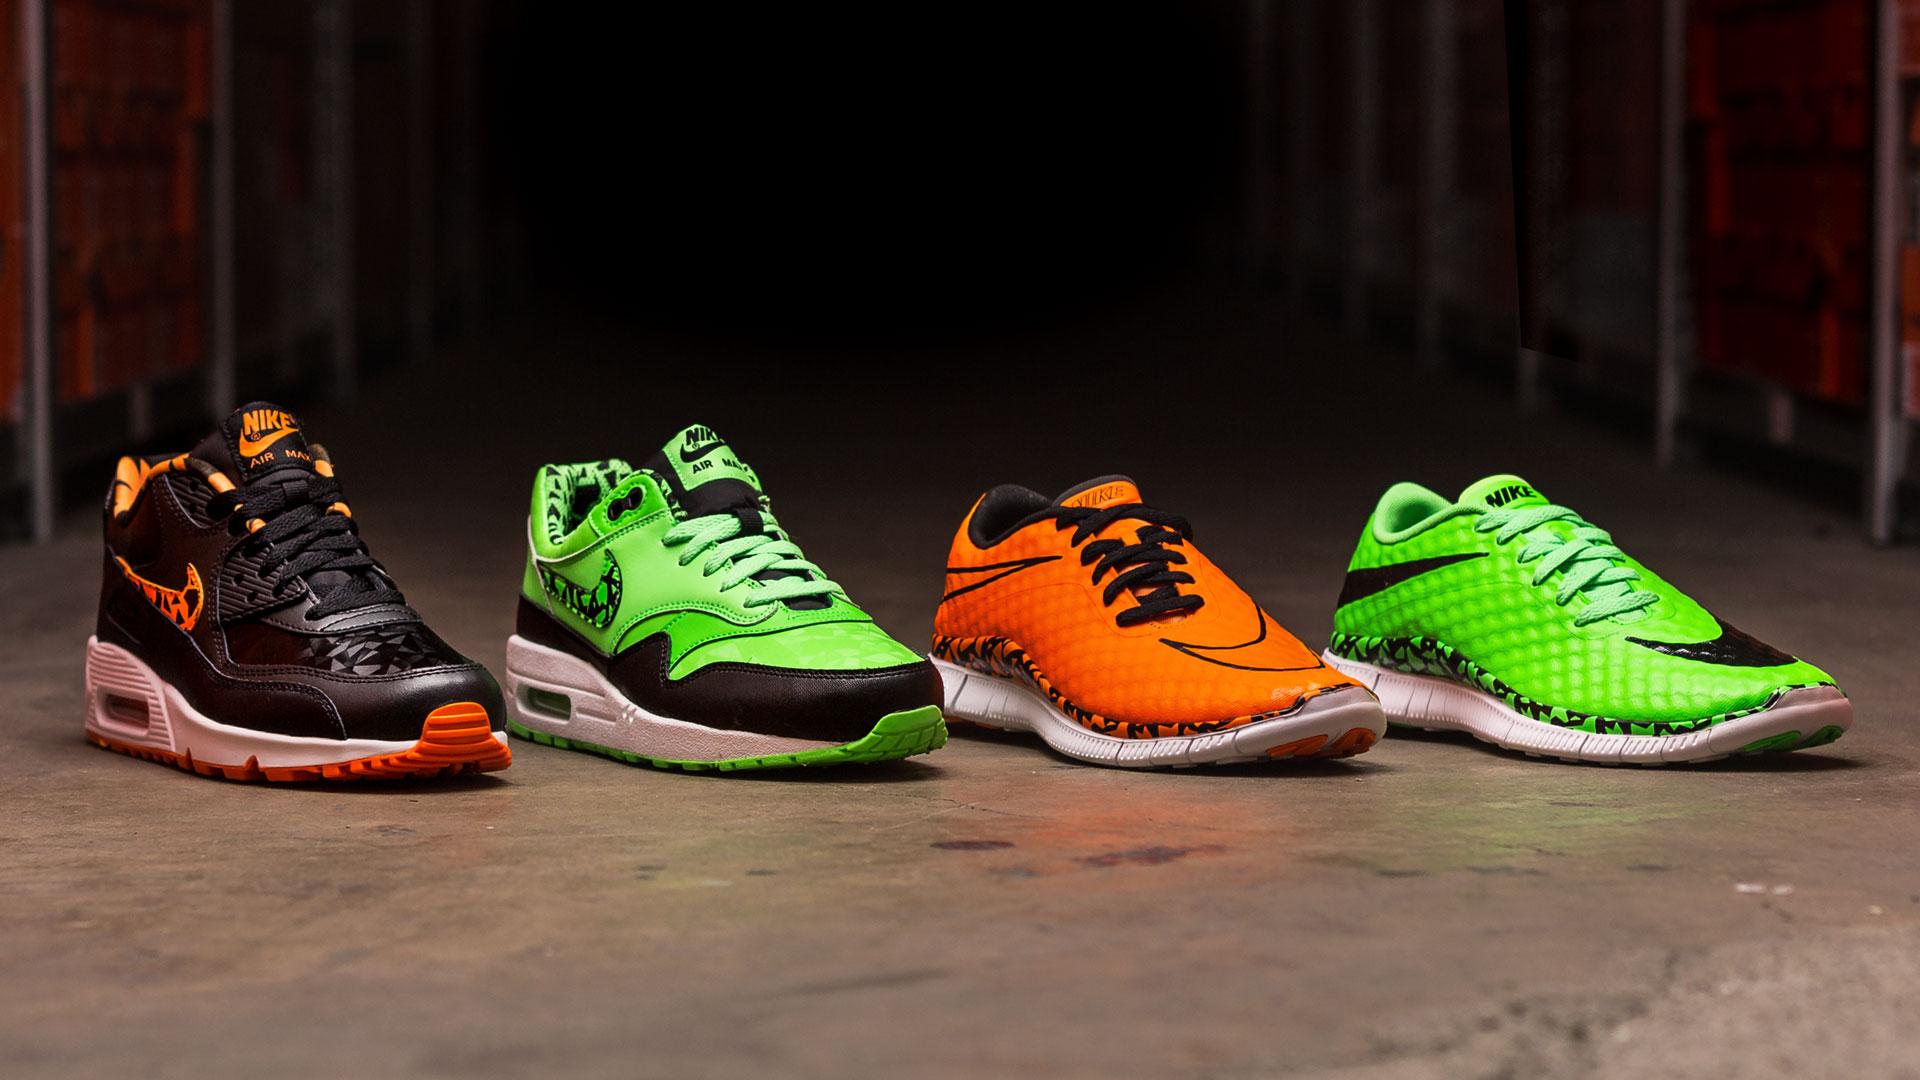 Billig Nike Flyknit Air Max Sort Orange Neon Grøn Løbesko